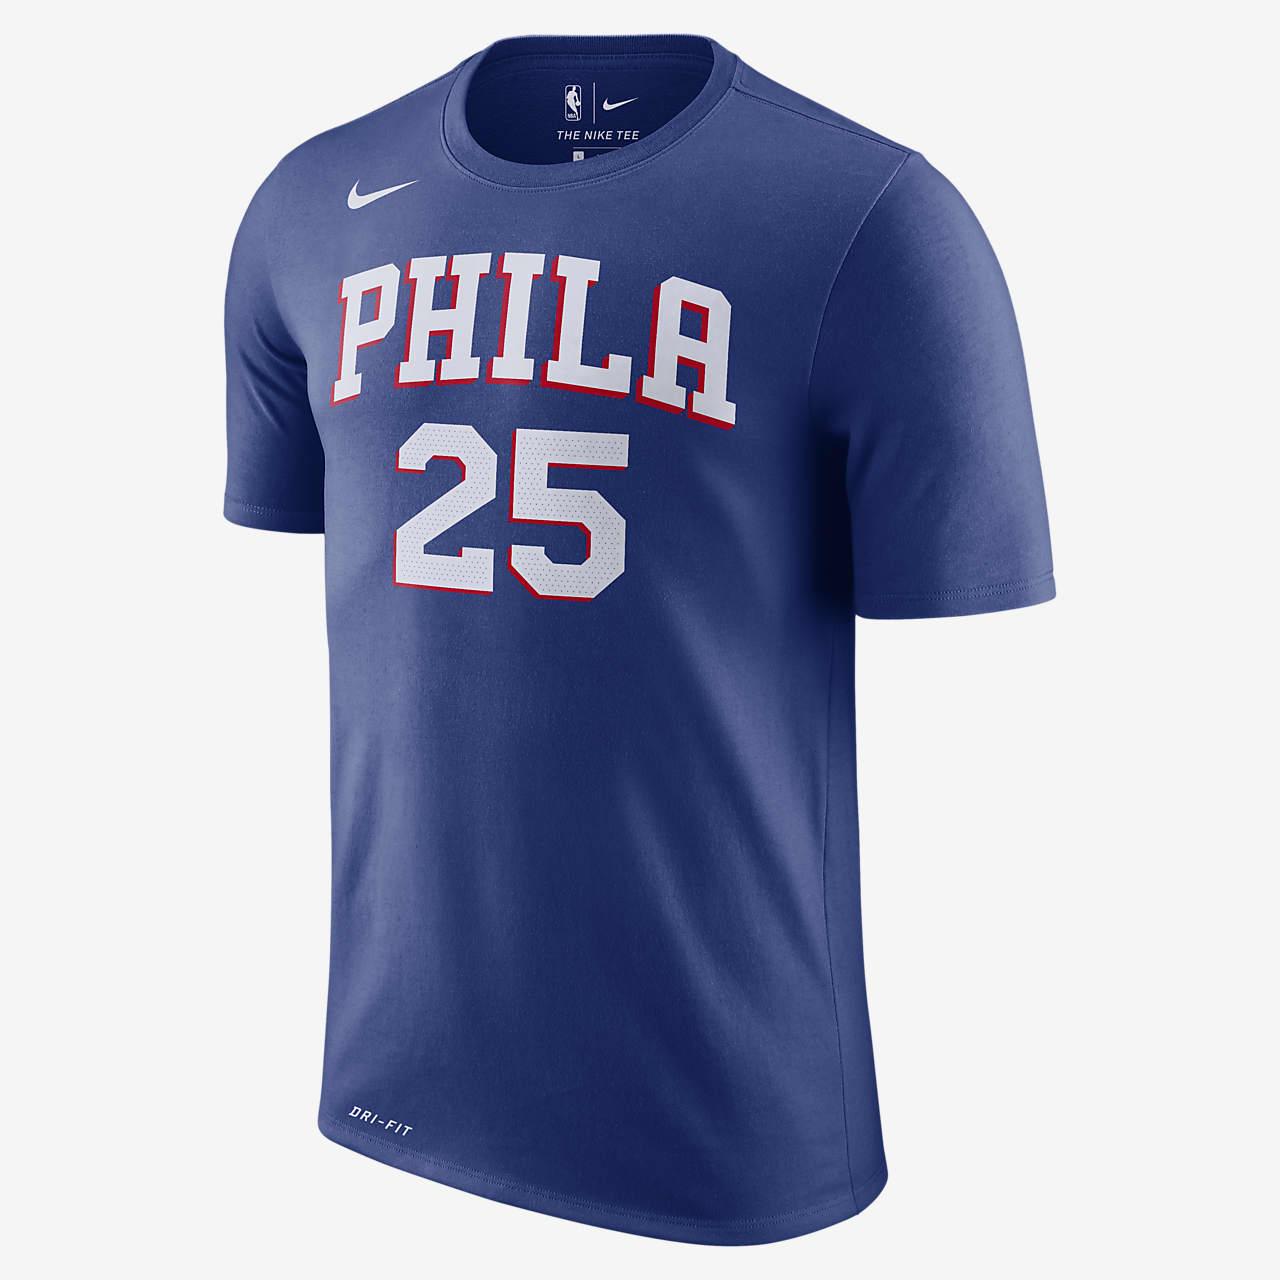 Ben Simmons Philadelphia 76ers Nike Dri-FIT Men's NBA T-Shirt